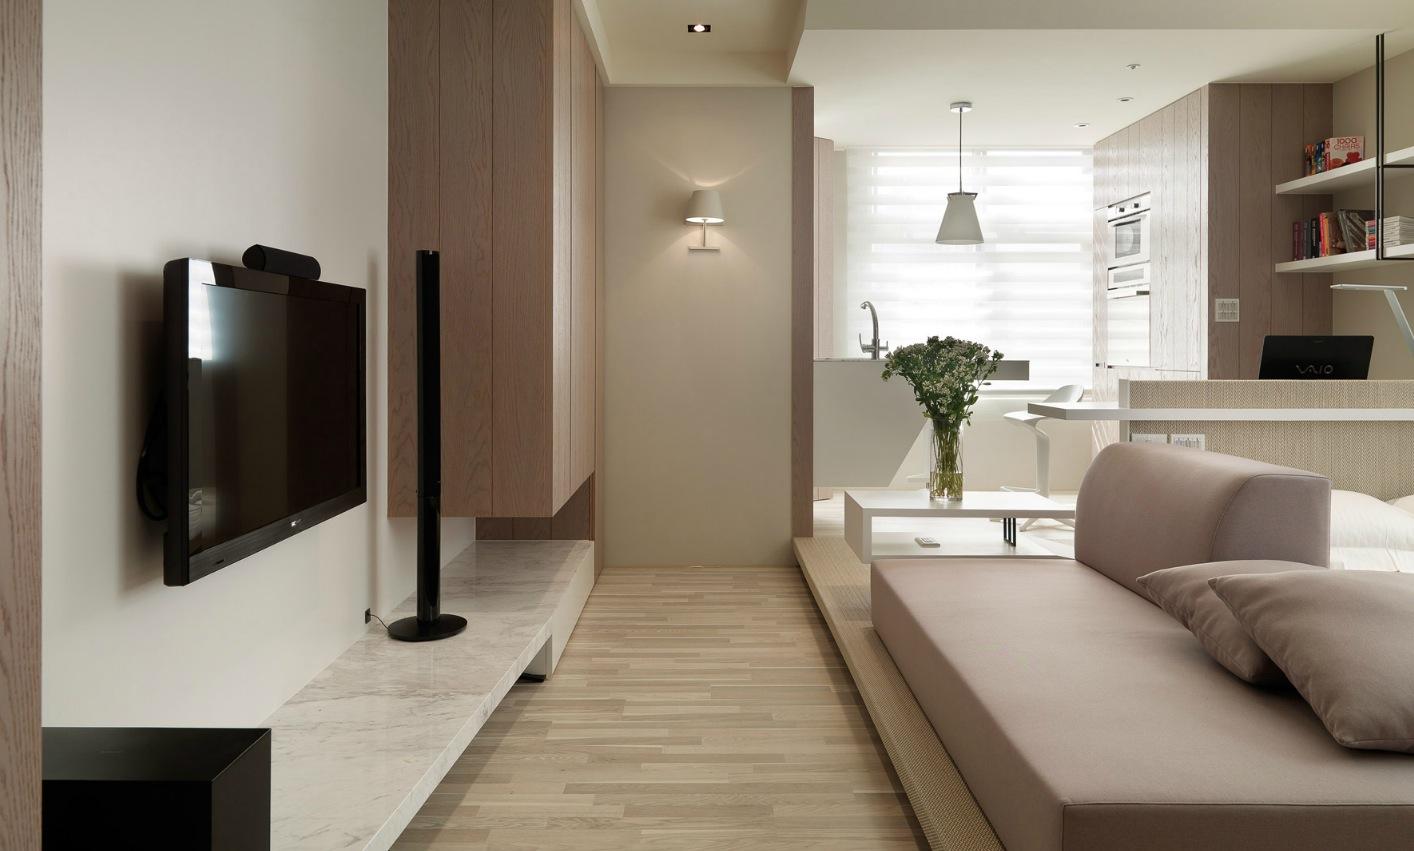 Интерьер маленькой однокомнатной квартиры в светлых тонах